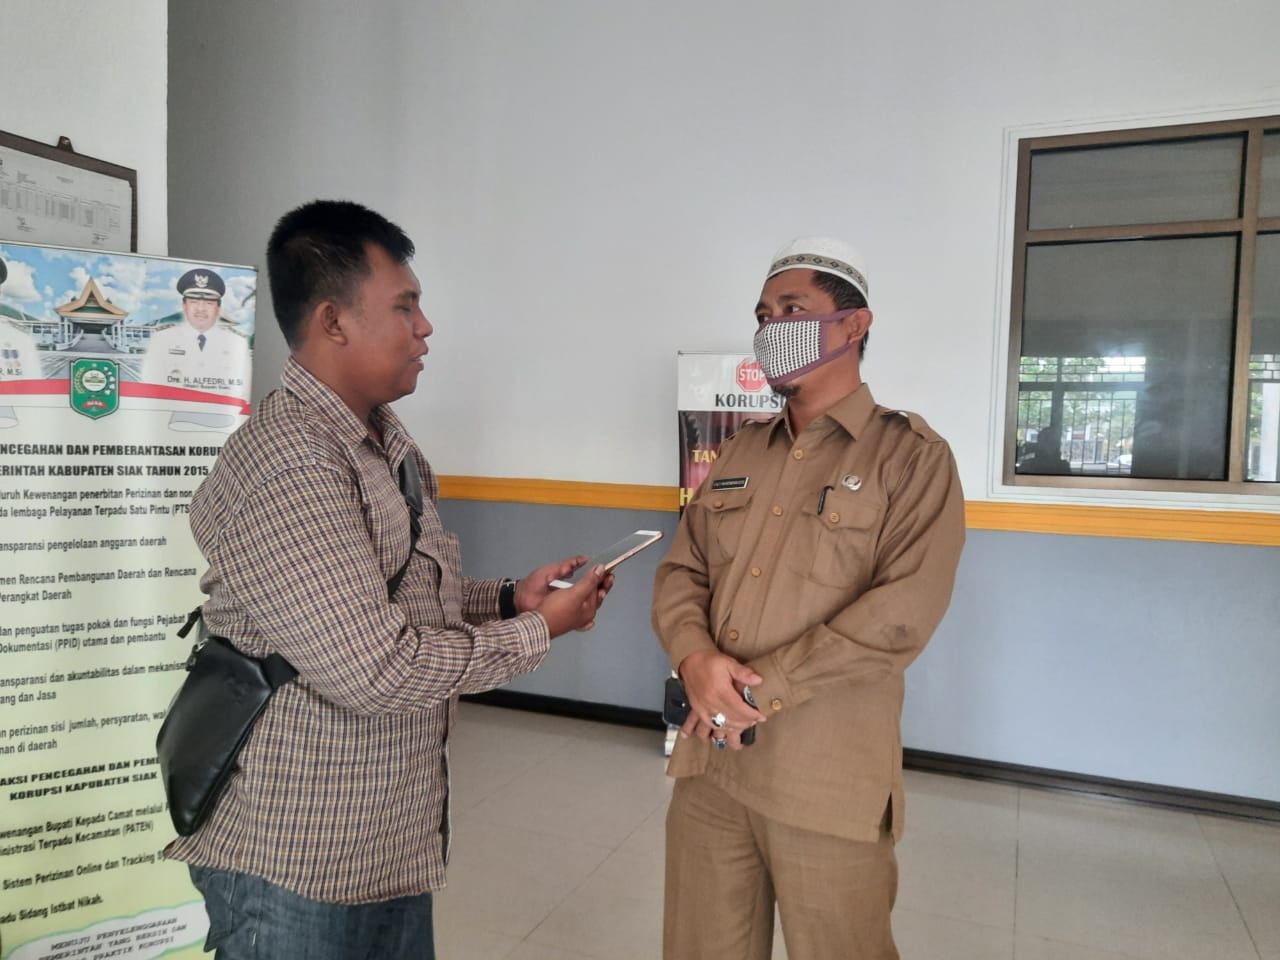 Terkait Anggaran Covid-19 2020 di Siak, Faly Wurendarasto Akui, ada Temuan Kelebihan Bayar di Dinas Kesehatan